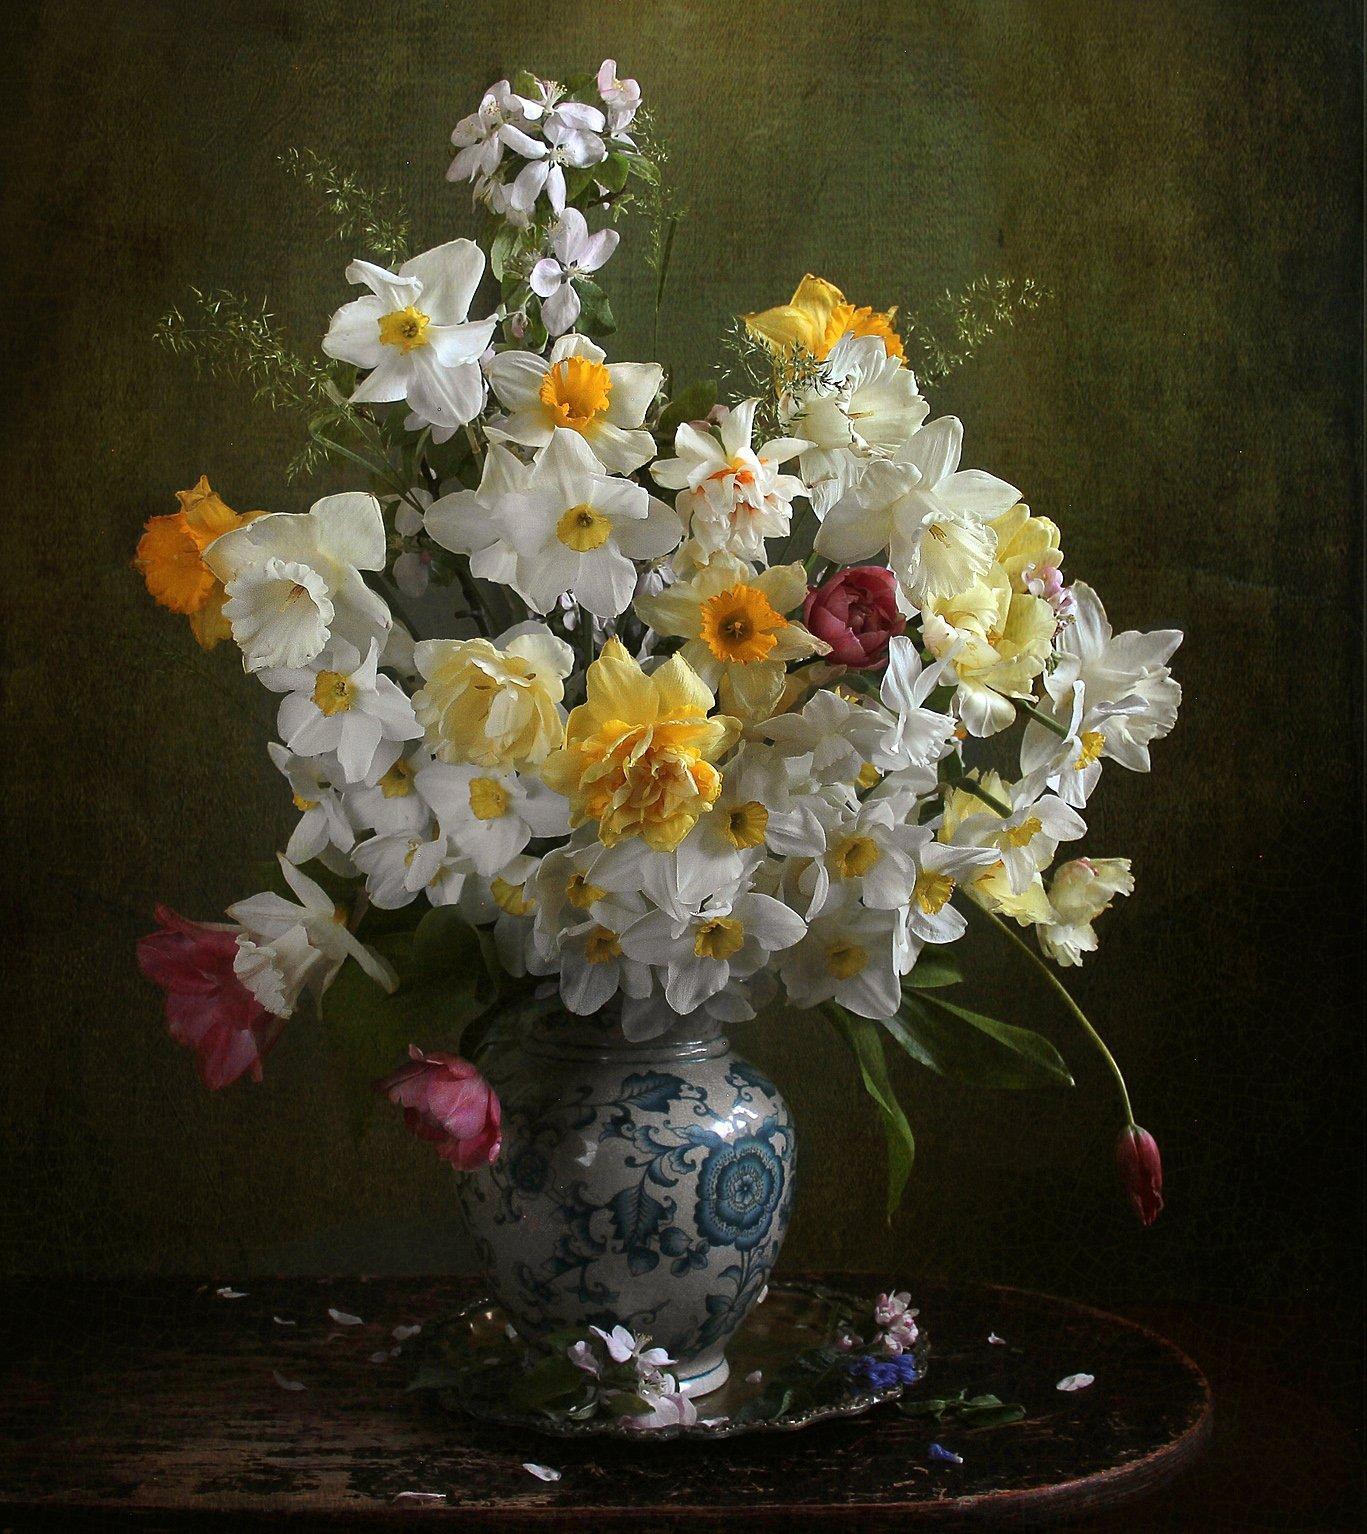 Цветы, в каком-то солнечном свеченьи, и белые и жёлтые сплелись Филатова Марина